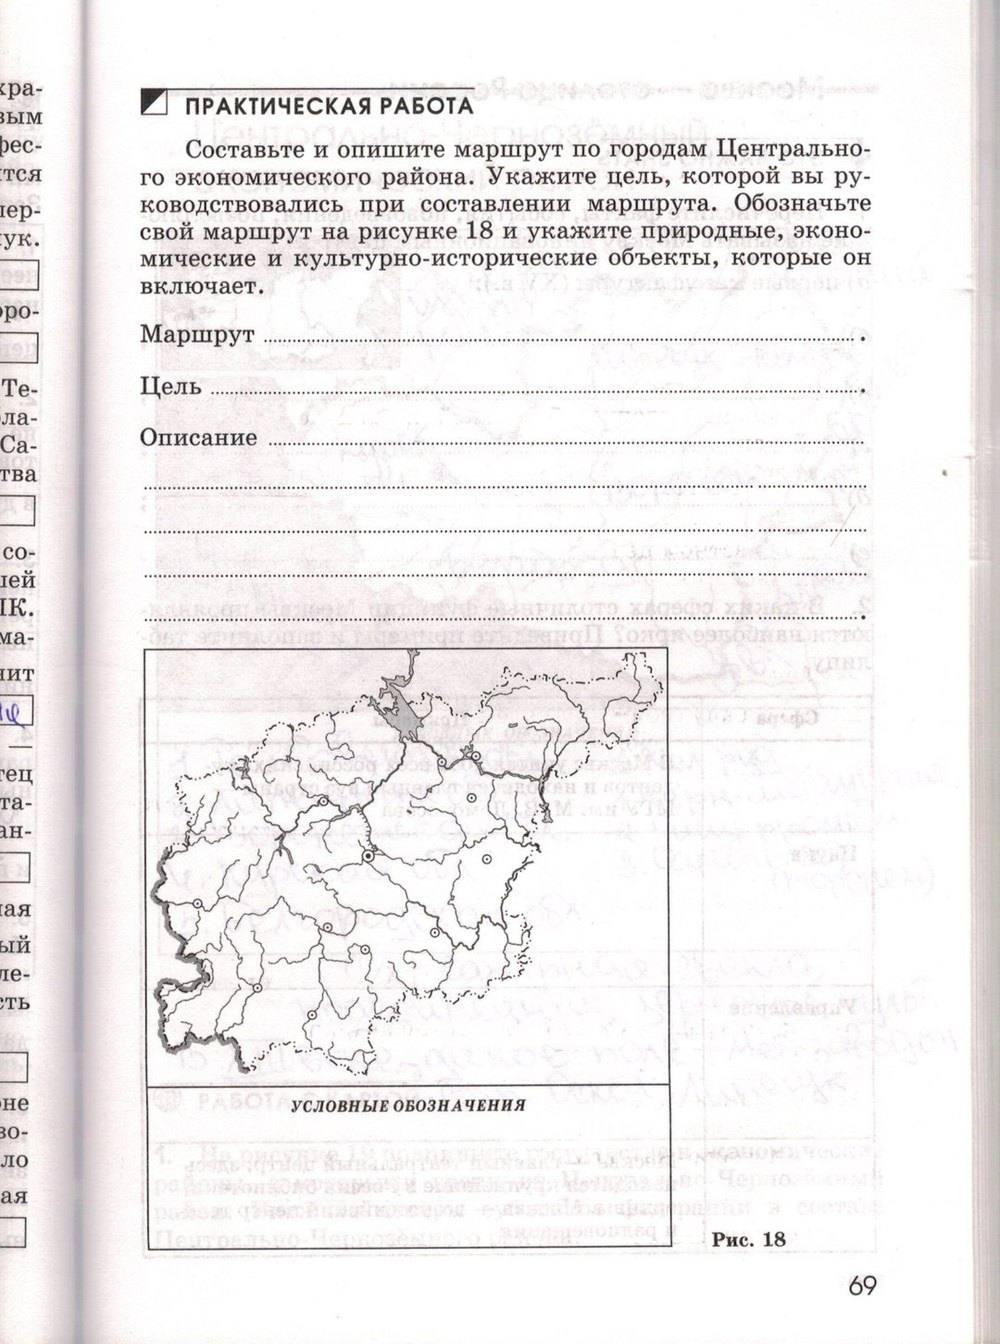 низовцев географии решебник тетрадь ким по рабочая марченко